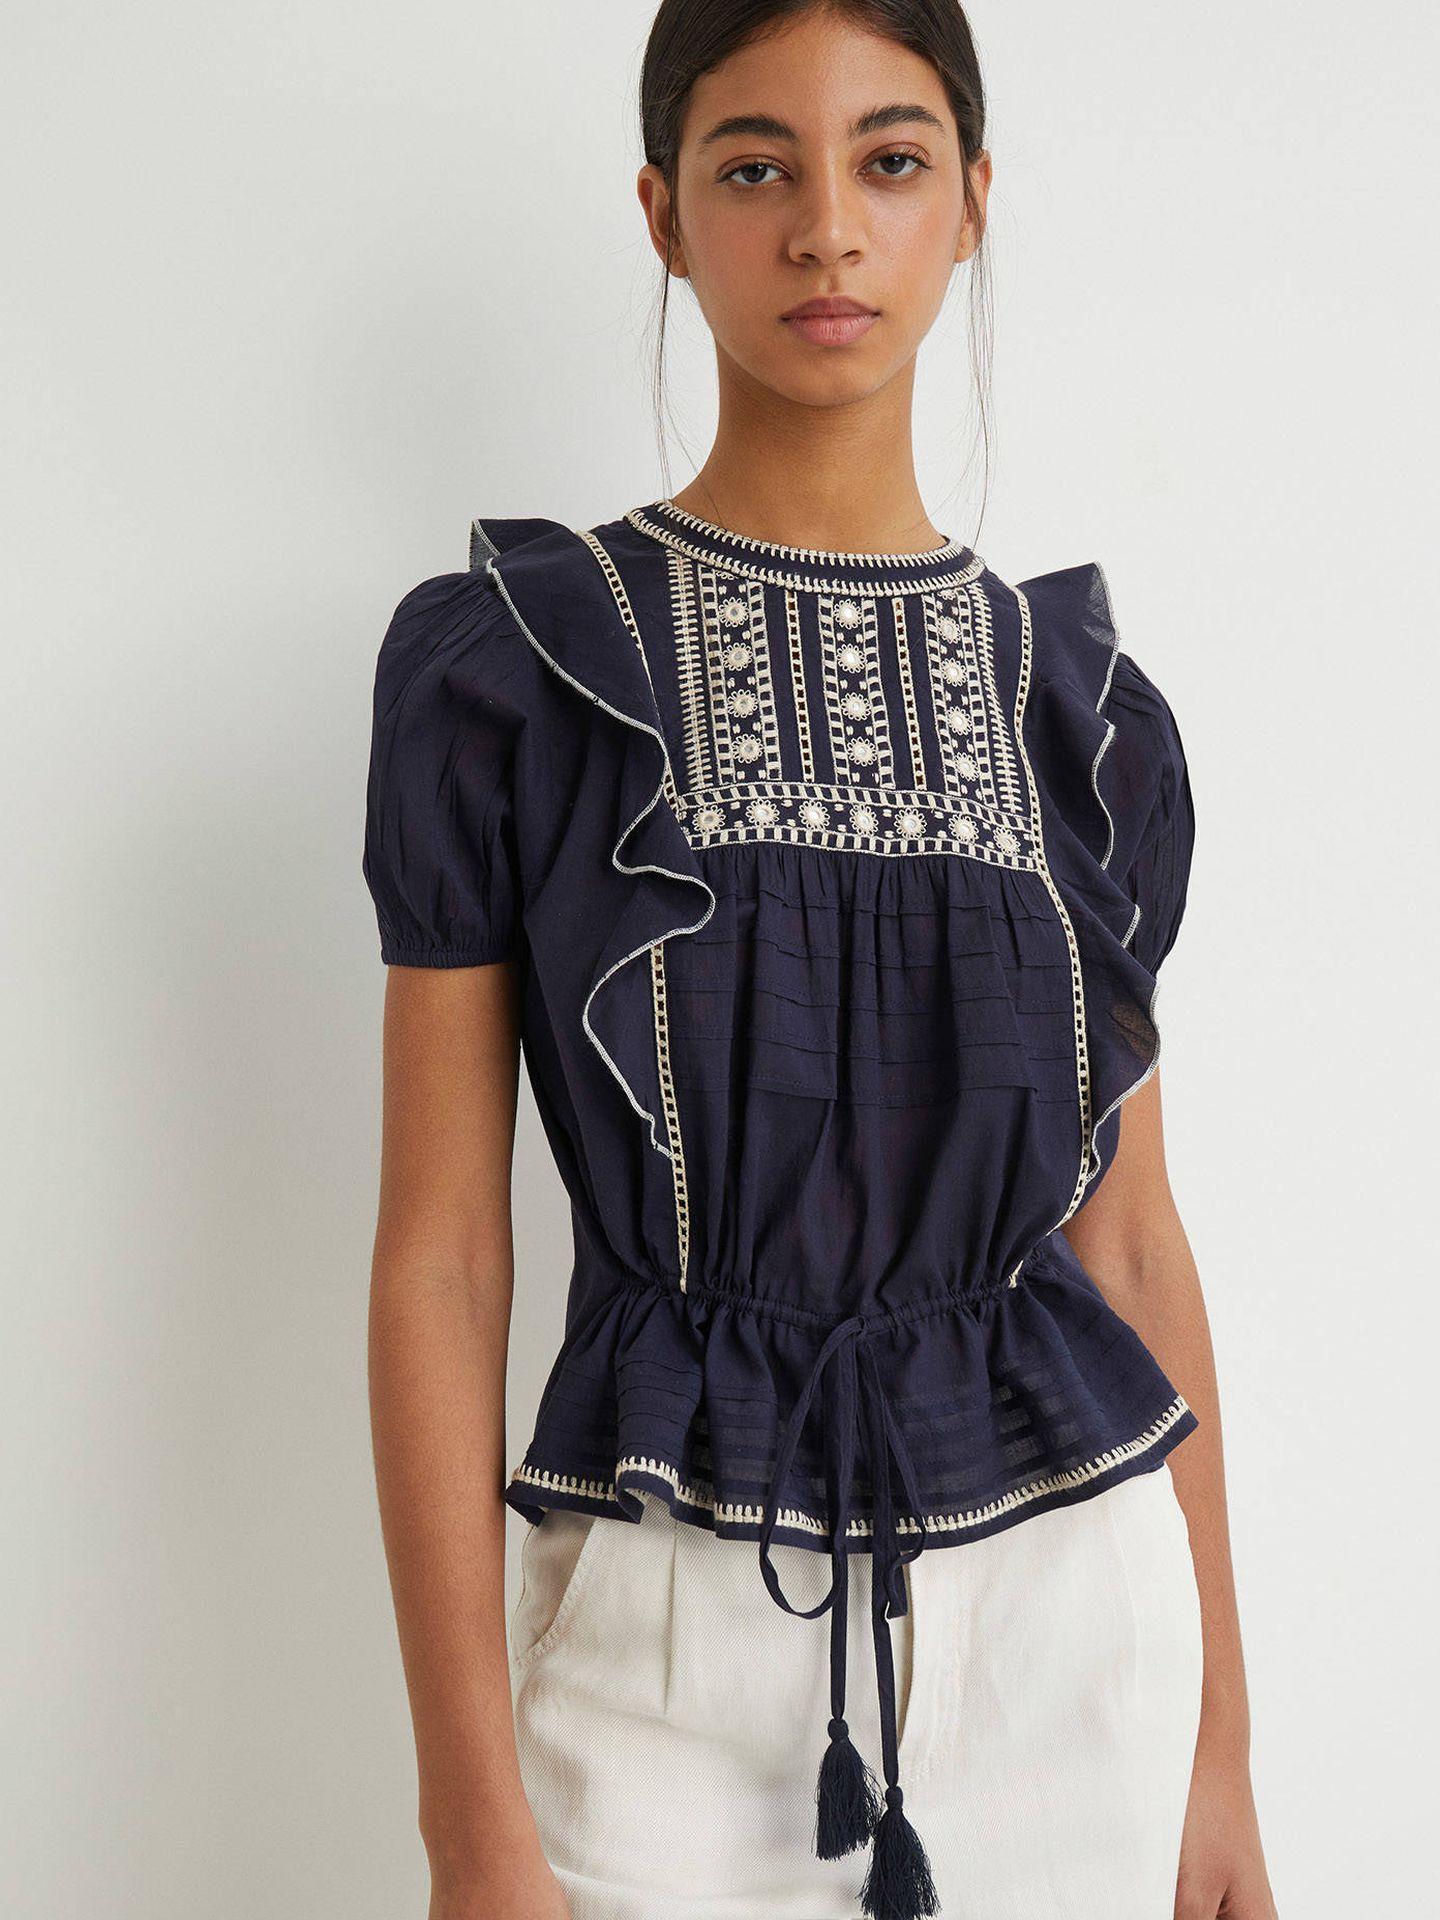 Blusa bordada de Sfera. (Cortesía)